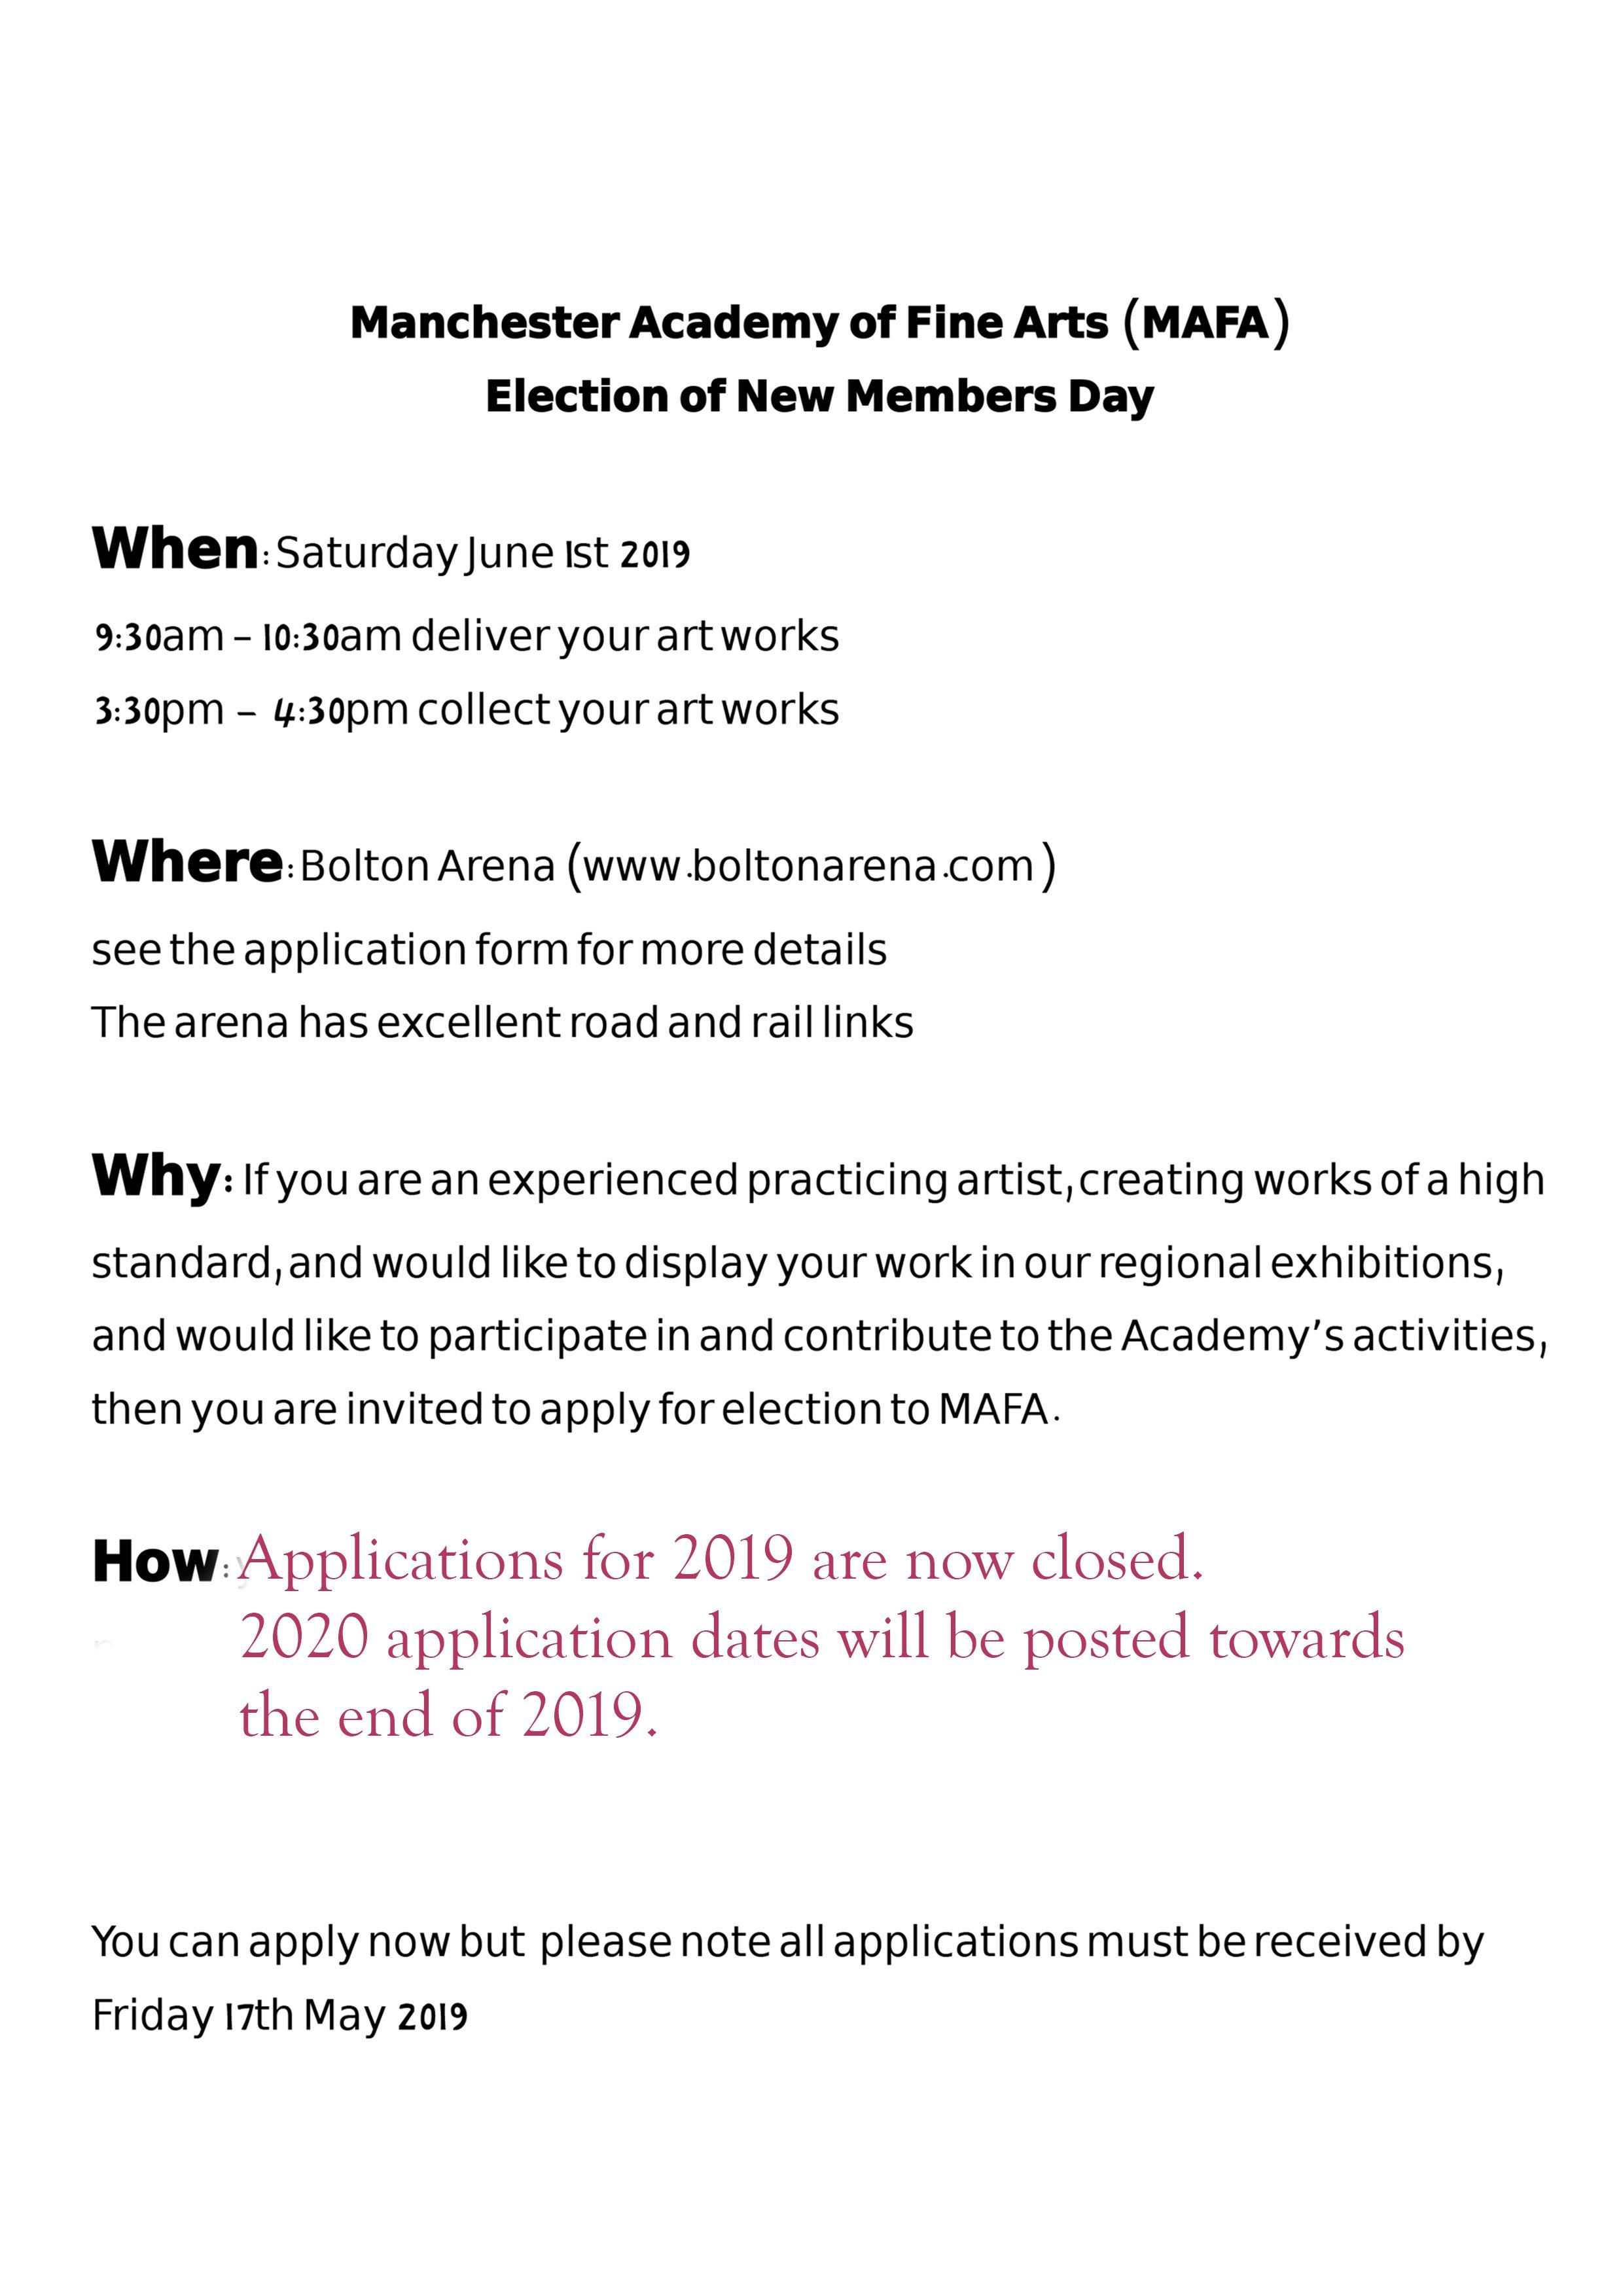 MAFA 2019 Membership Application